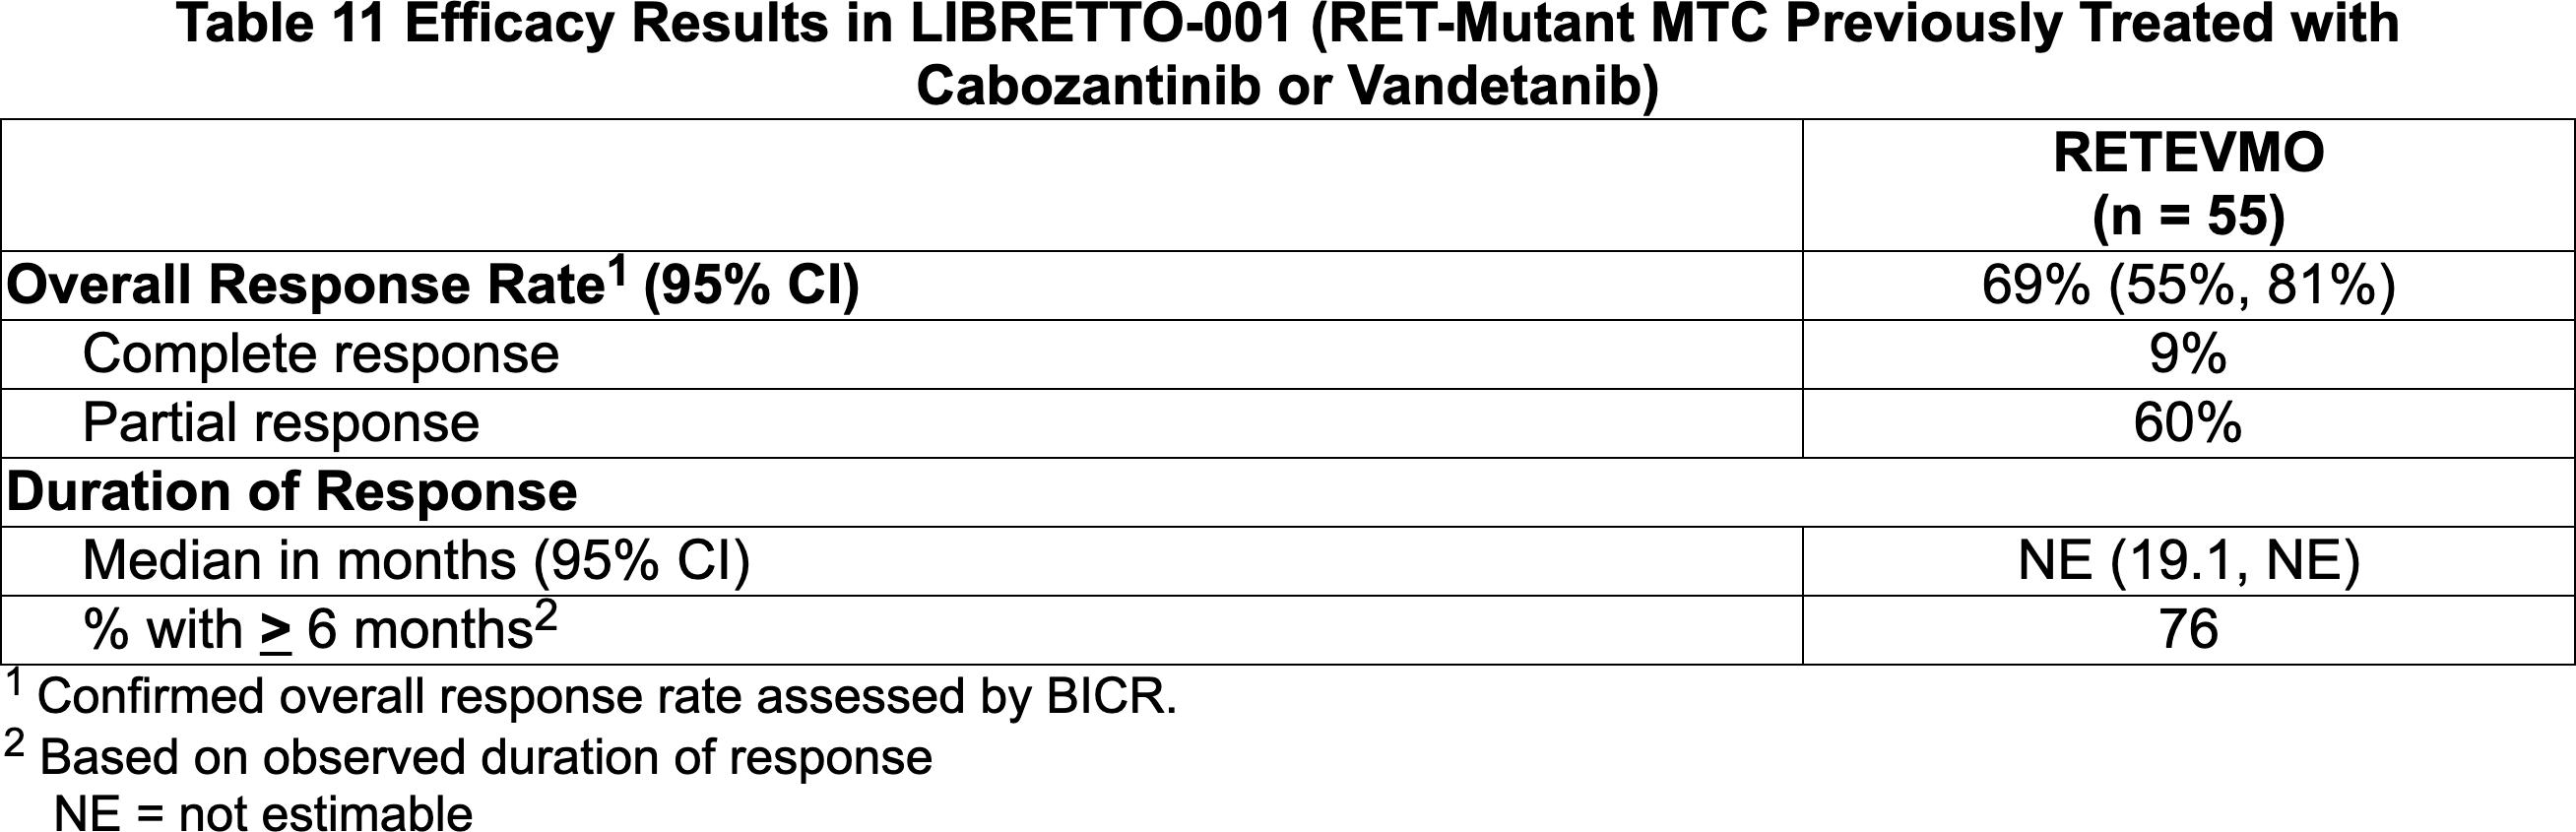 nct03157128 results 05 - «Ретевмо»: первое лекарство против RET-положительных опухолей